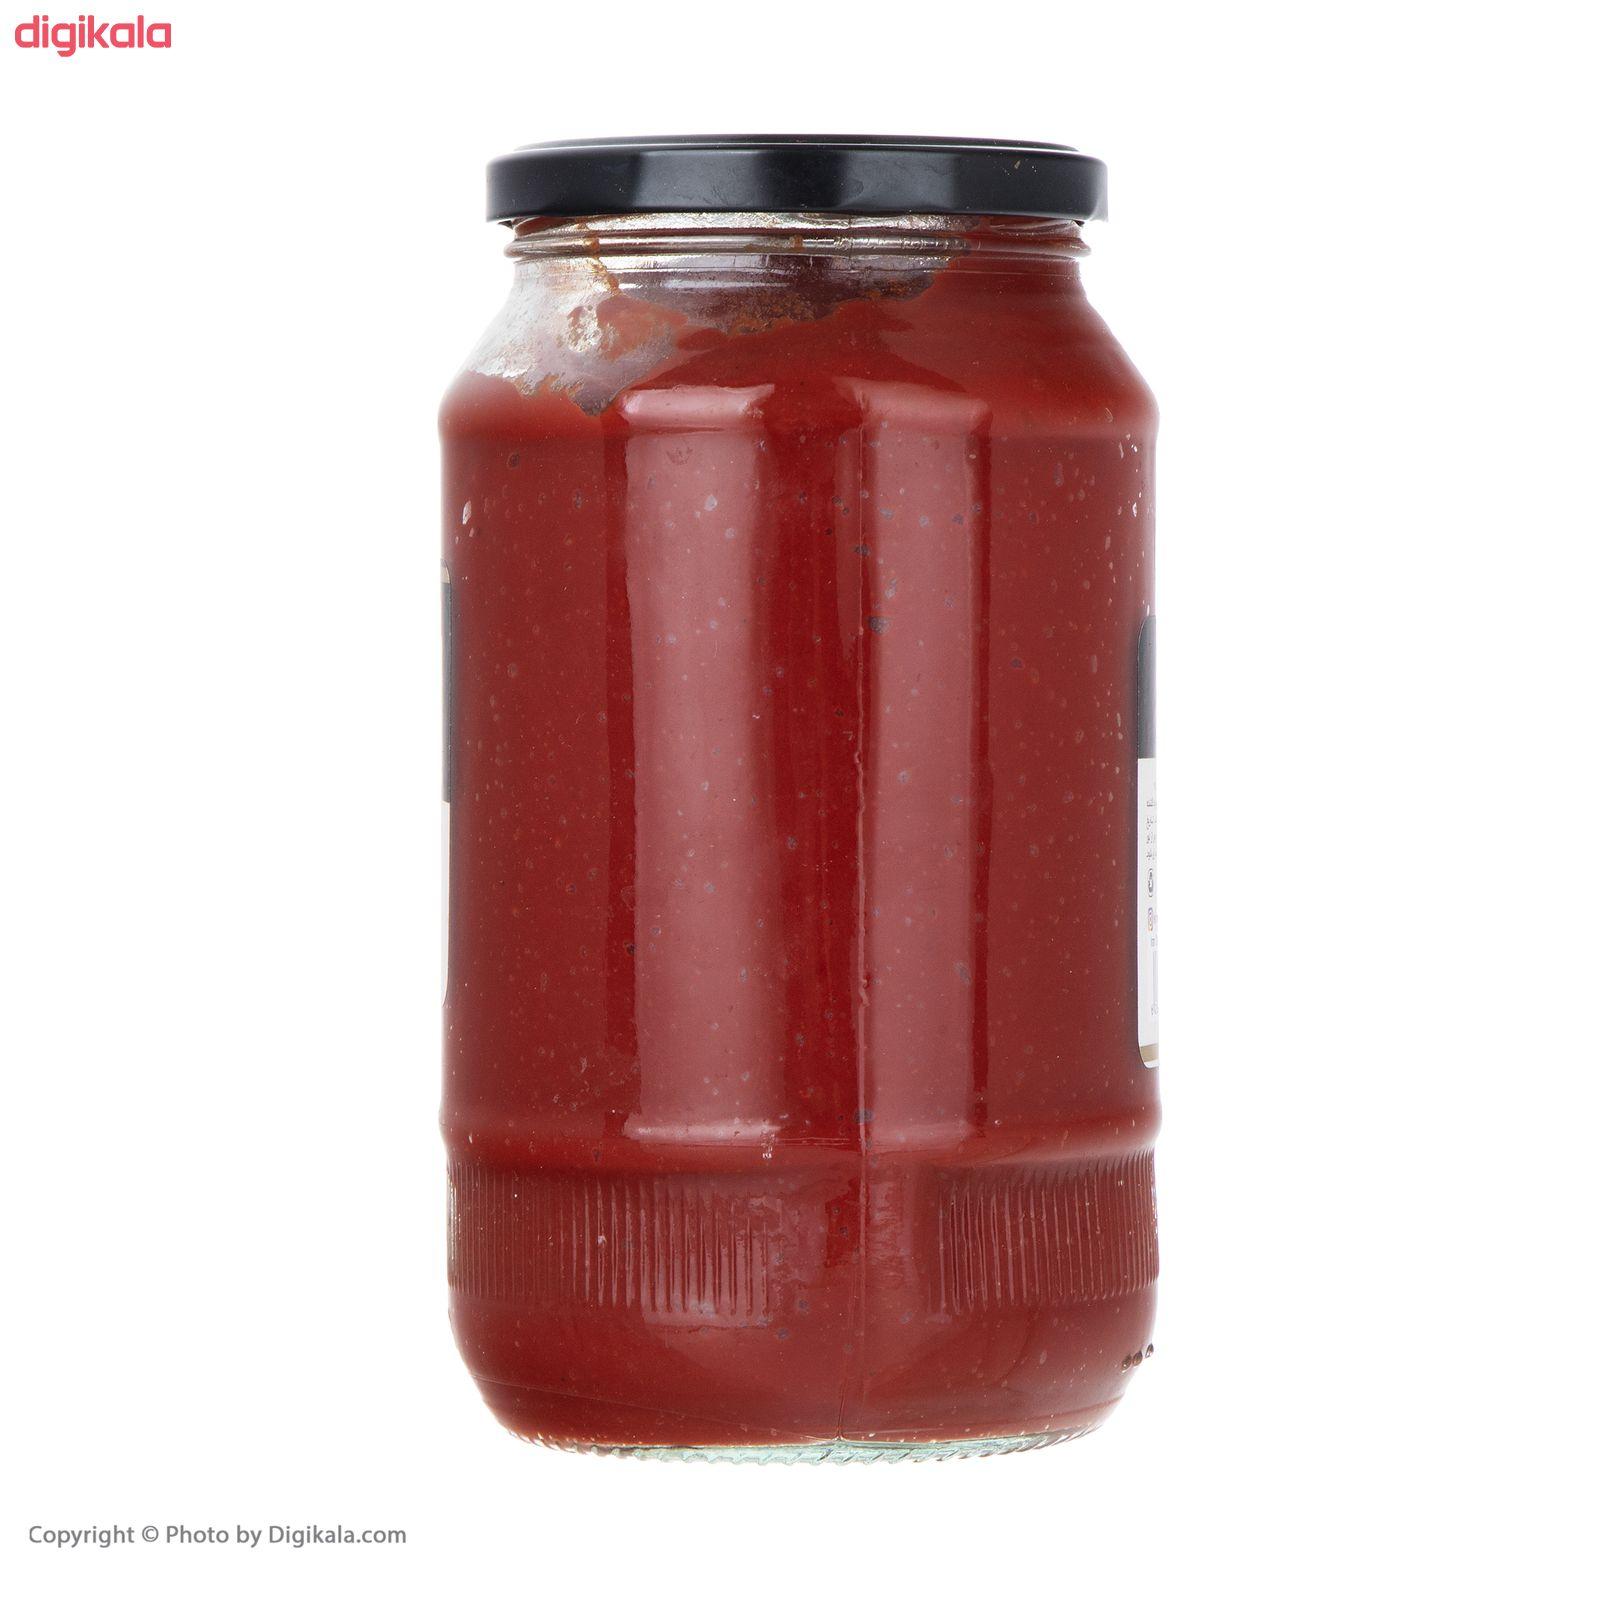 رب گوجه فرنگی لئونارد - 1.05 کیلوگرم main 1 2